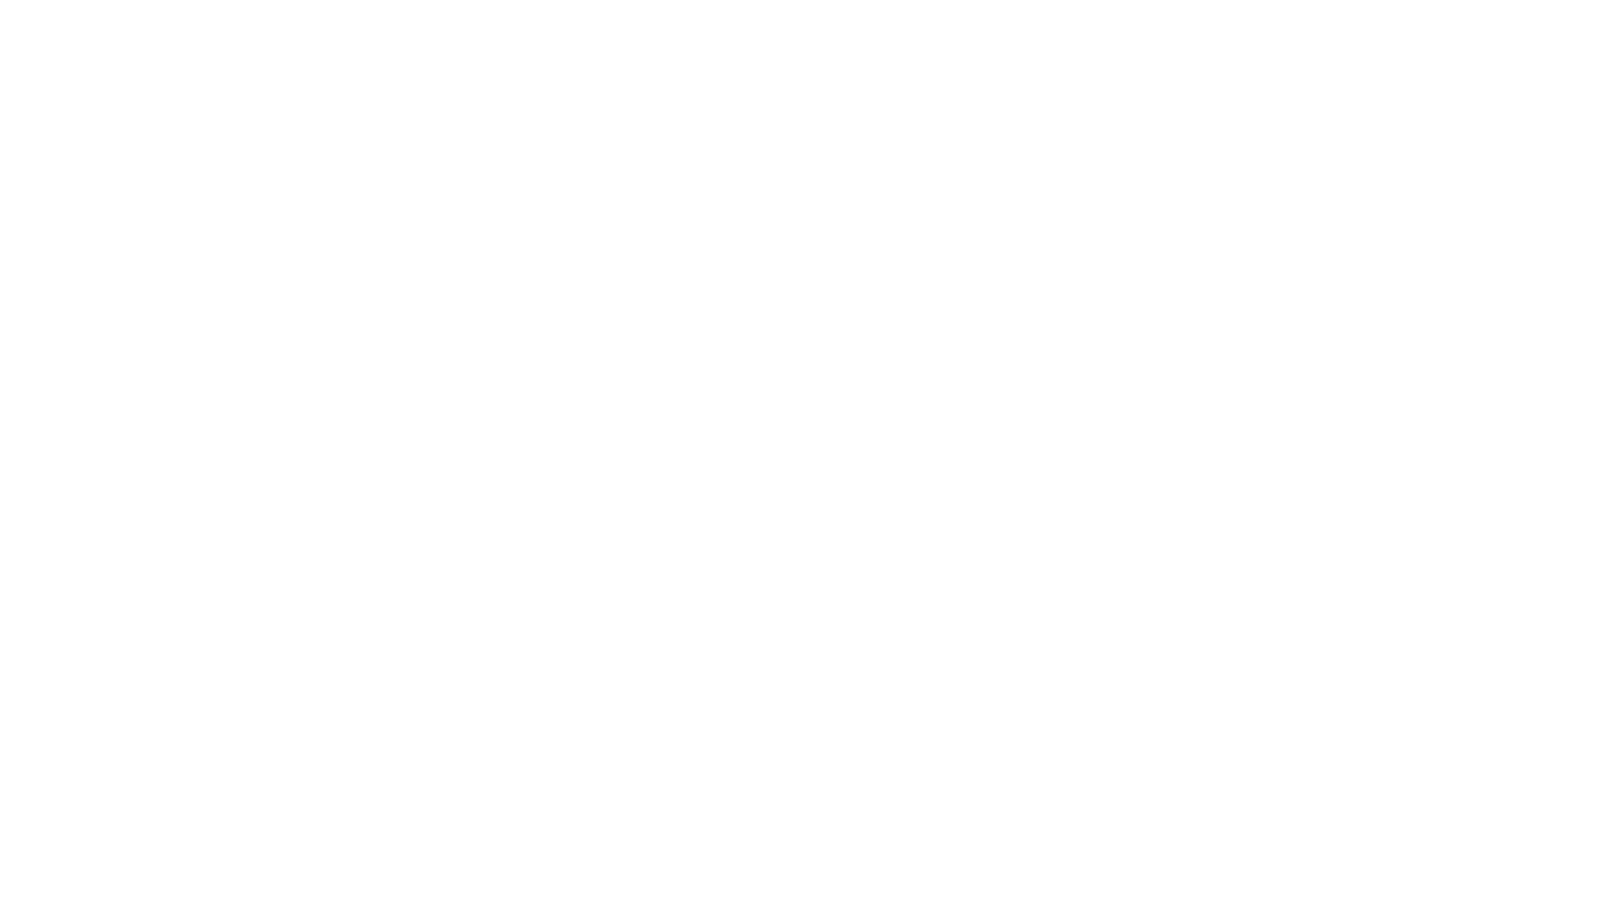 チーム名称 Undouhoiku.Jp  チーム名称カナ ウンドウホイクイドットジェイピー  活動拠点 茨城県  つくば市 土浦市 阿見町   チームレベル 地区大会参加レベル  チーム平均年齢 25〜29歳  主なメンバーの野球歴 中学校まで  所属リーグ・団体等 バブリーグ 2017年まで  主なチームタイトル  2012 土浦市民野球大会ベスト16 2013 土浦市民野球大会1回戦敗退 2014 土浦市民野球大会2回戦敗退 2015 土浦市民野球大会1回戦敗退 2016 土浦市民野球大会1回戦敗退 2017 土浦市民野球大会1回戦敗退 2018 土浦市民野球大会2回戦敗退 2019 土浦市民野球大会3回戦敗退 2020 土浦市民野球大会1回戦敗退   結成時期 2011/9  活動曜日 日  活動頻度 月1回~2回  年間試合数  10回以上  チーム紹介 2011年9月に結成した弱小草野球チームです・・・  主に土浦市・つくば市・阿見町などで行っています。  弱いなりに野球の知識は持っております。。。プロ野球が大好きなので♪ チームの初期メンバーは3分の2の人が保育士の免許を持った者です。  チーム名は名の通り運動が出来る保育士です。といっても保育関係で働いている人はほとんどいないですが^^; また、最近はそれが減ってきましたが・・・汗 それと2012年の土浦市民野球大会でベスト16に入りましたがそれ以降は1、2回戦をさまよってます^ ^ チームの平均年齢は28歳くらいです。 みんなでいじりあって楽しく試合をしております!  外部サイト (SNS・チームサイト等) https://undouhoiku.com/  https://teams.one/teams/undouhoiku  https://www.instagram.com/undouhoiku.jp/  https://www.facebook.com/Undouhoiku.jp/